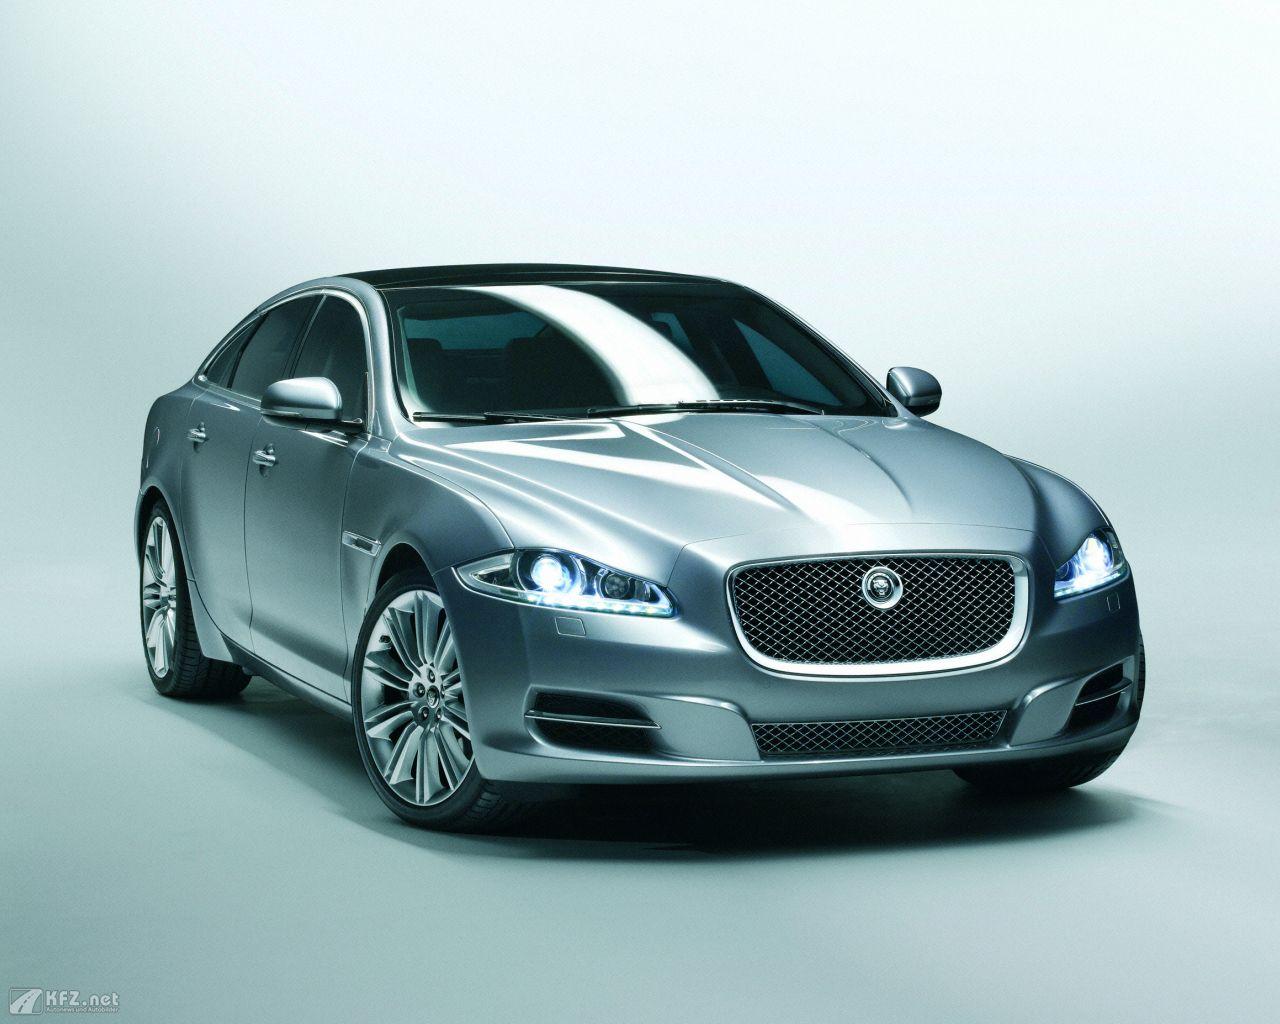 jaguar-xj-1280x1024-12